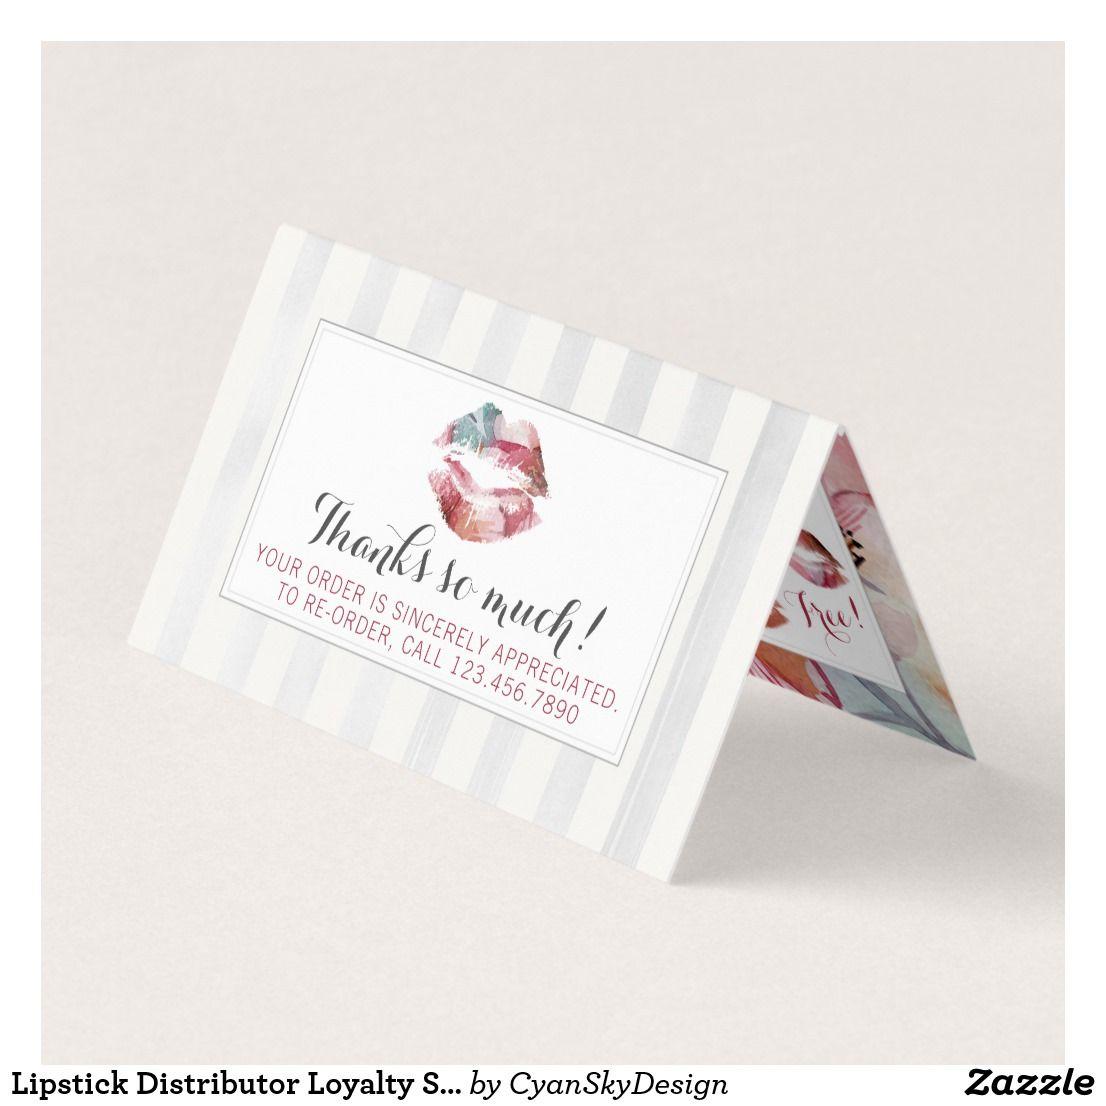 Lipstick Distributor Loyalty Stamp Kiss Thank You Lipsense